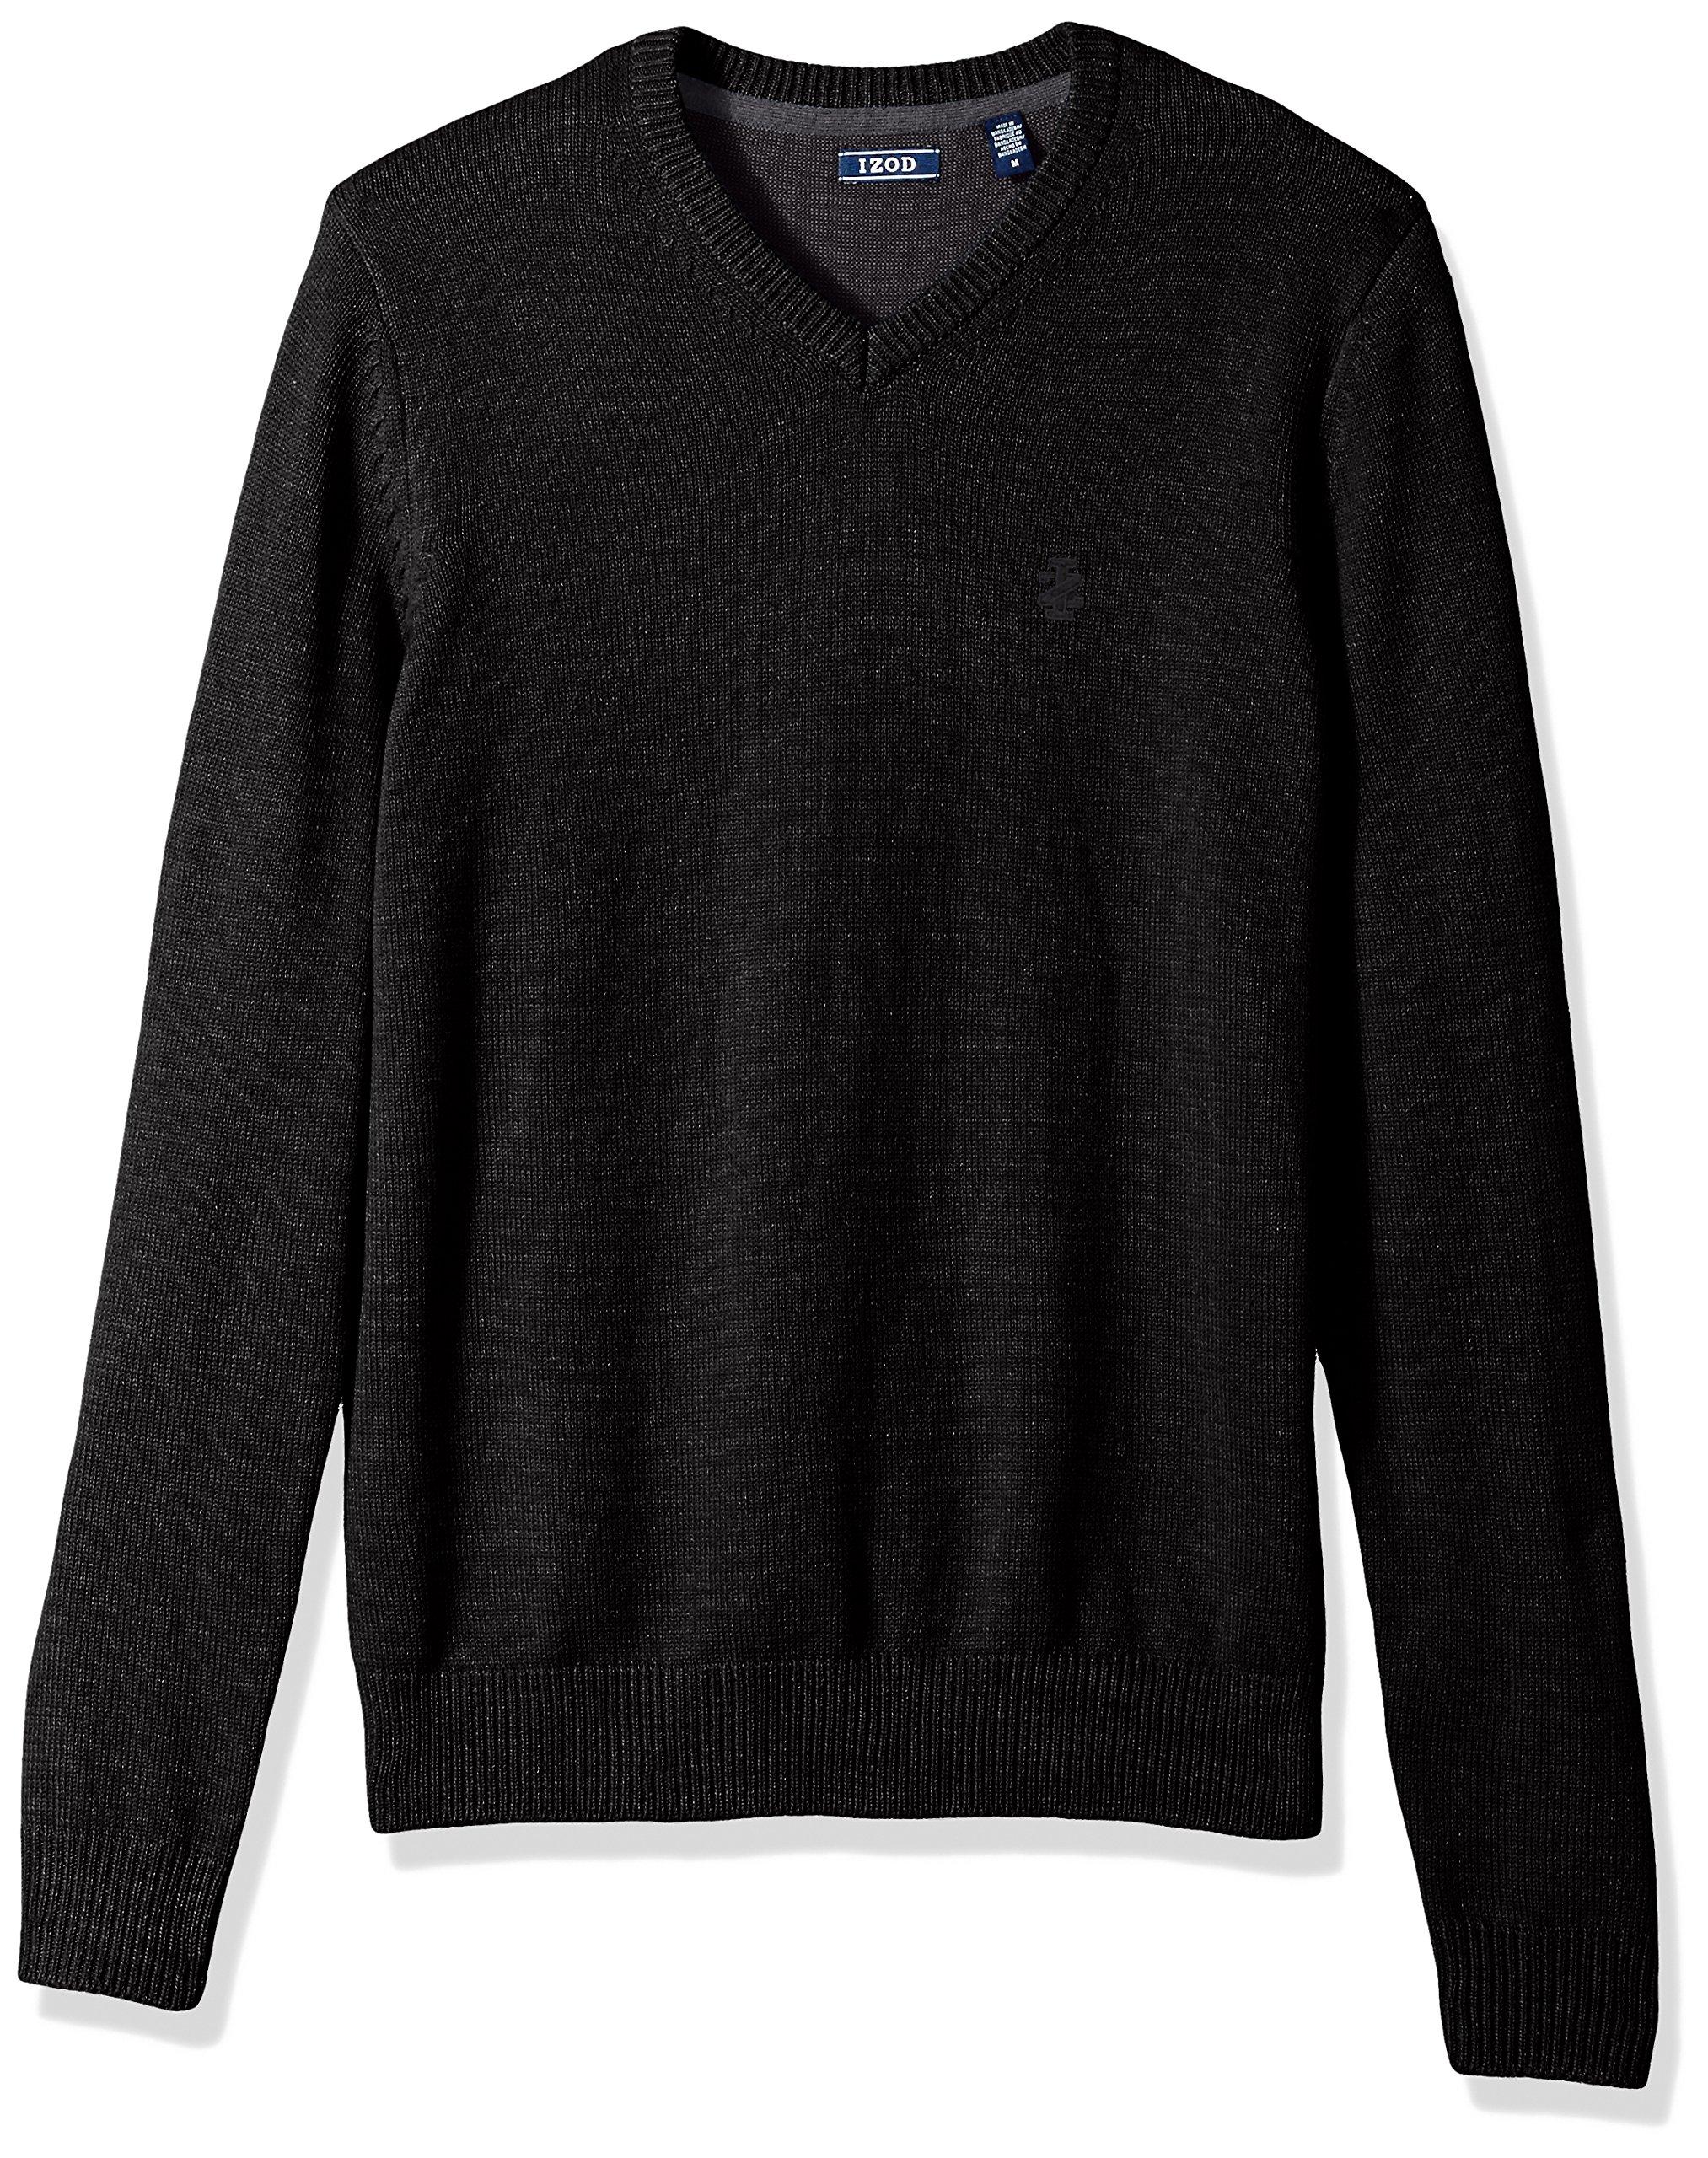 IZOD Men's Fine Gauge Solid V-Neck Sweater, Black, Medium